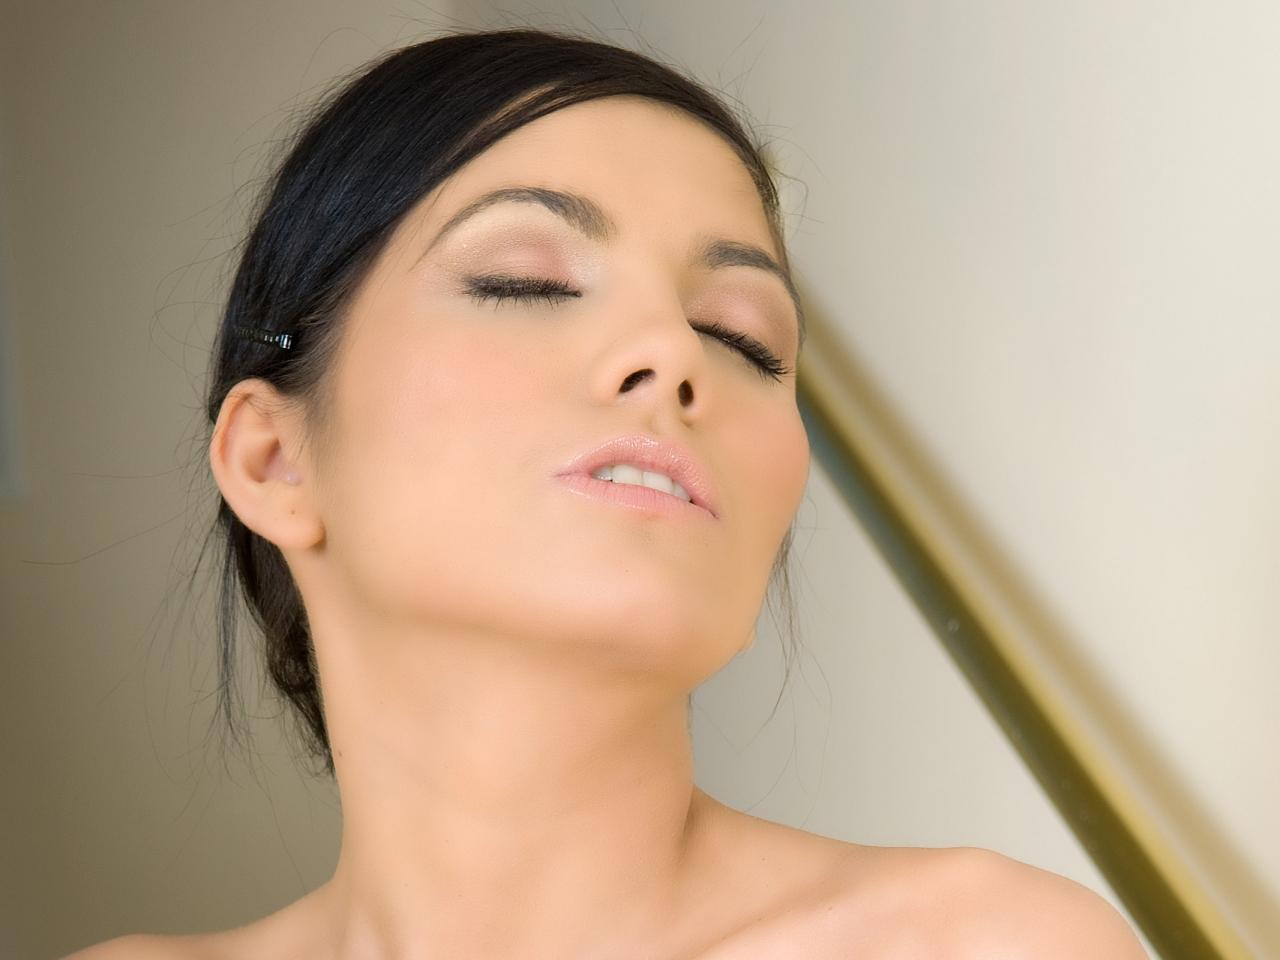 Rostros hermosos de mujeres - 1280x960